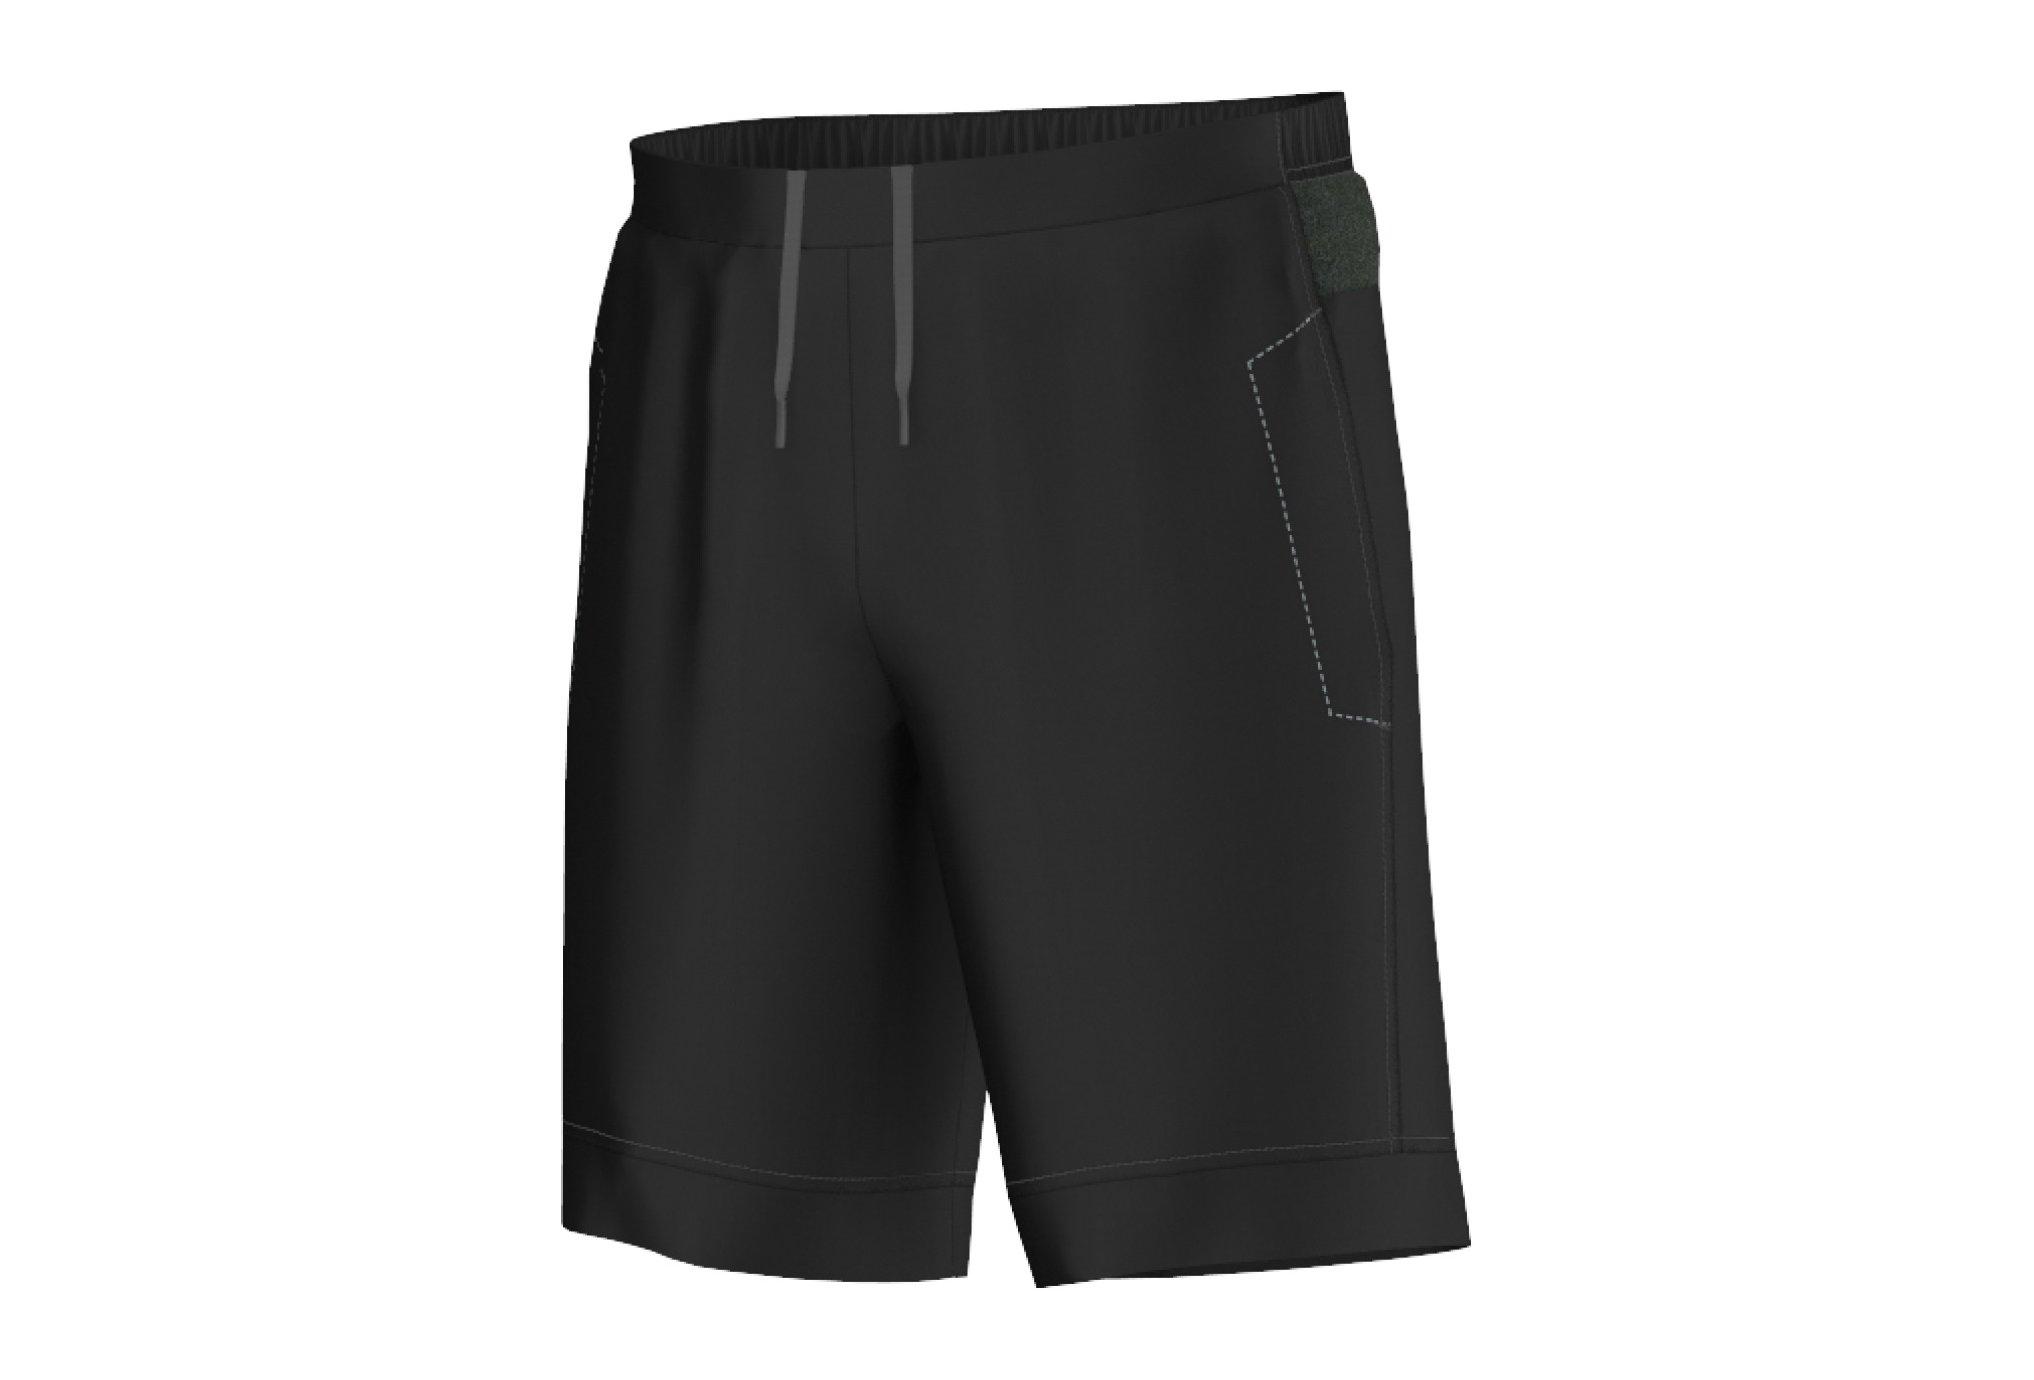 Adidas Short adistar 9 inch m diététique vêtements homme